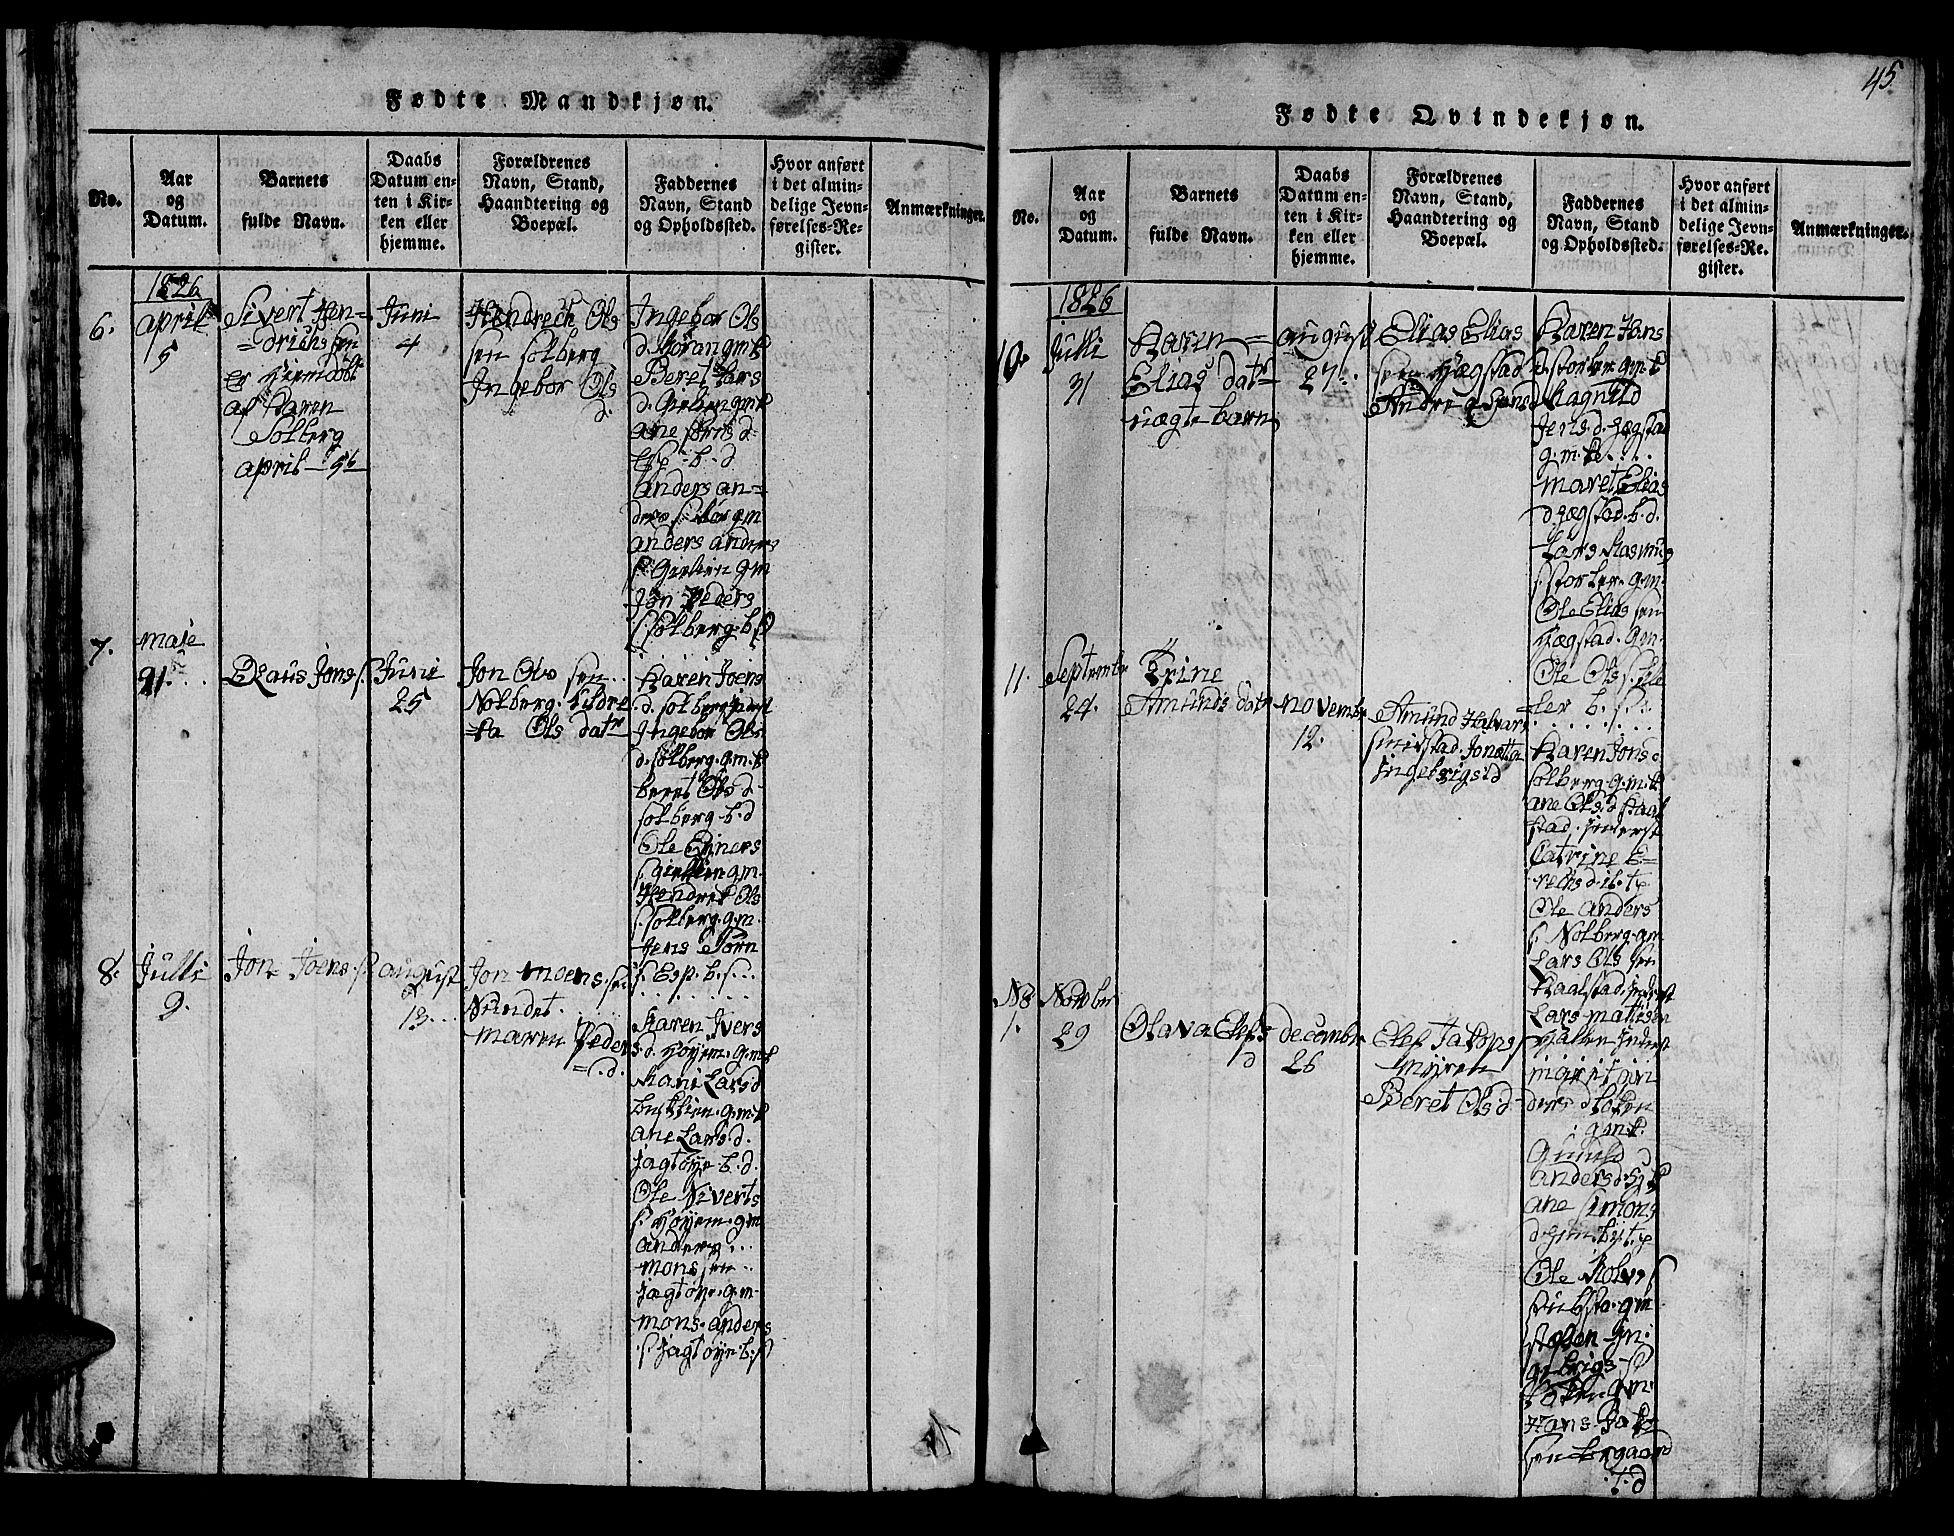 SAT, Ministerialprotokoller, klokkerbøker og fødselsregistre - Sør-Trøndelag, 613/L0393: Klokkerbok nr. 613C01, 1816-1886, s. 45